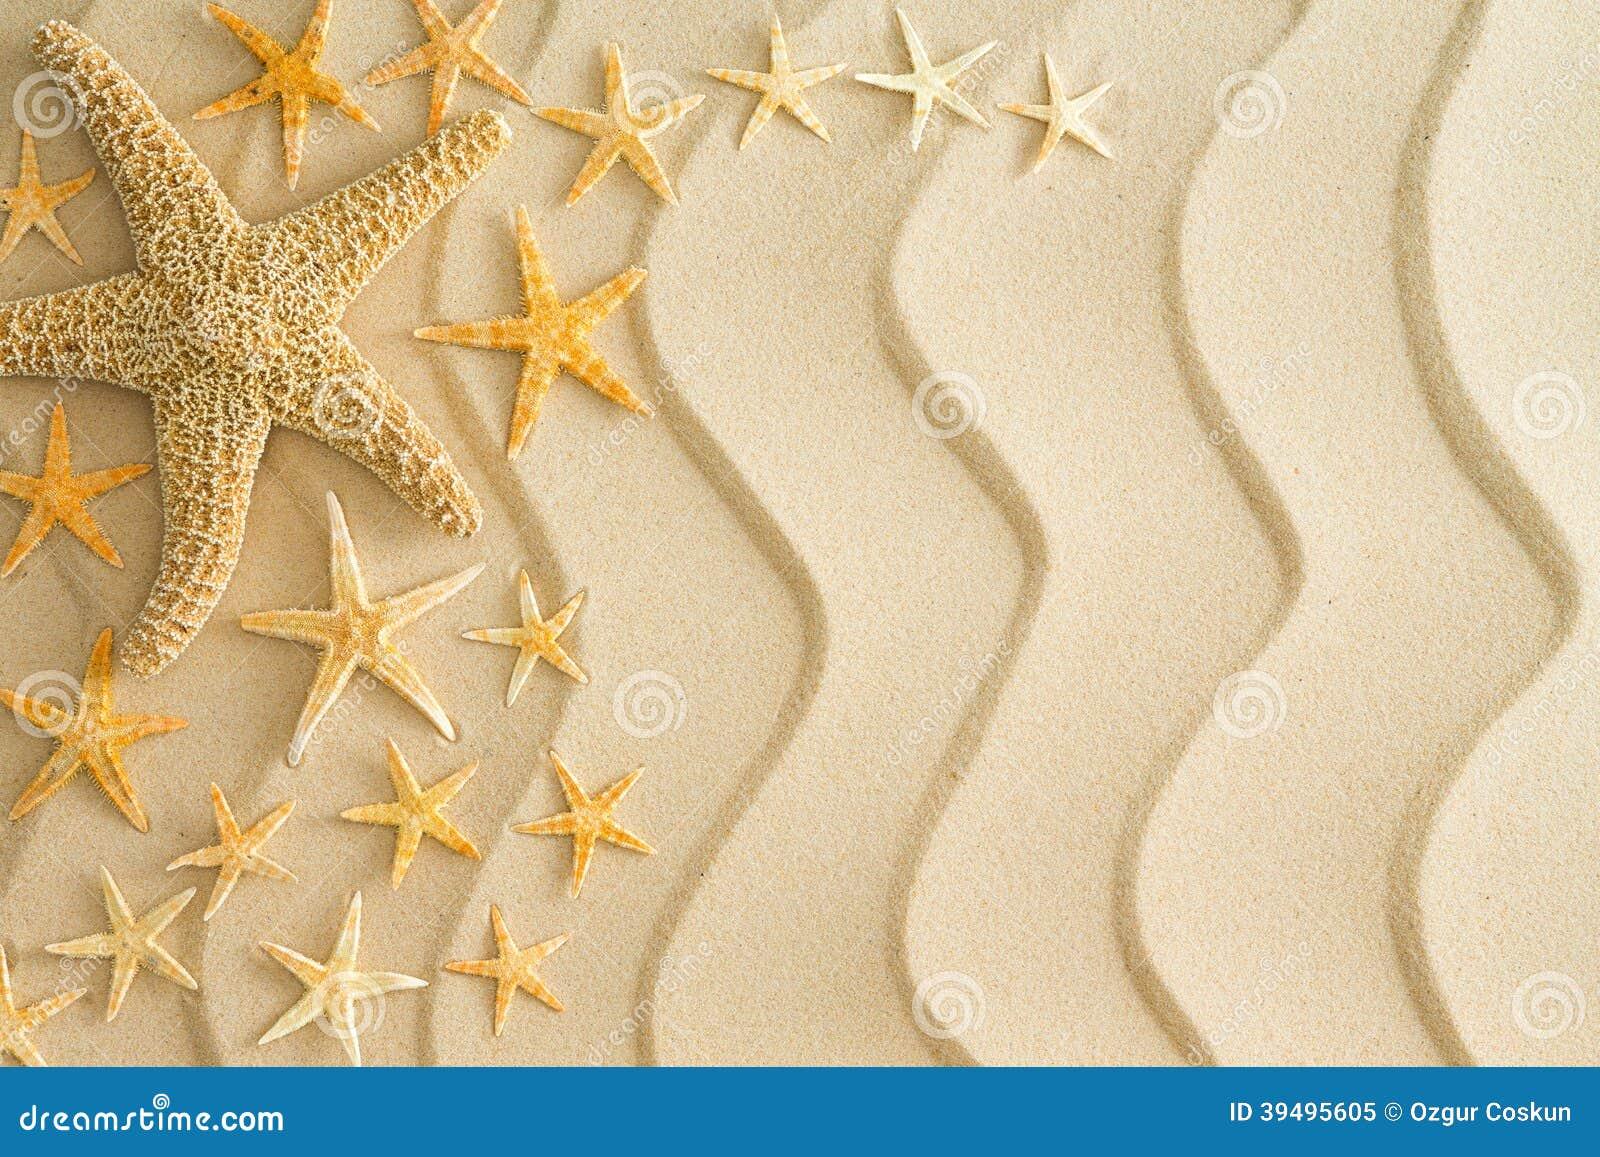 Rozgwiazda na złotym plażowym piasku z falistymi liniami